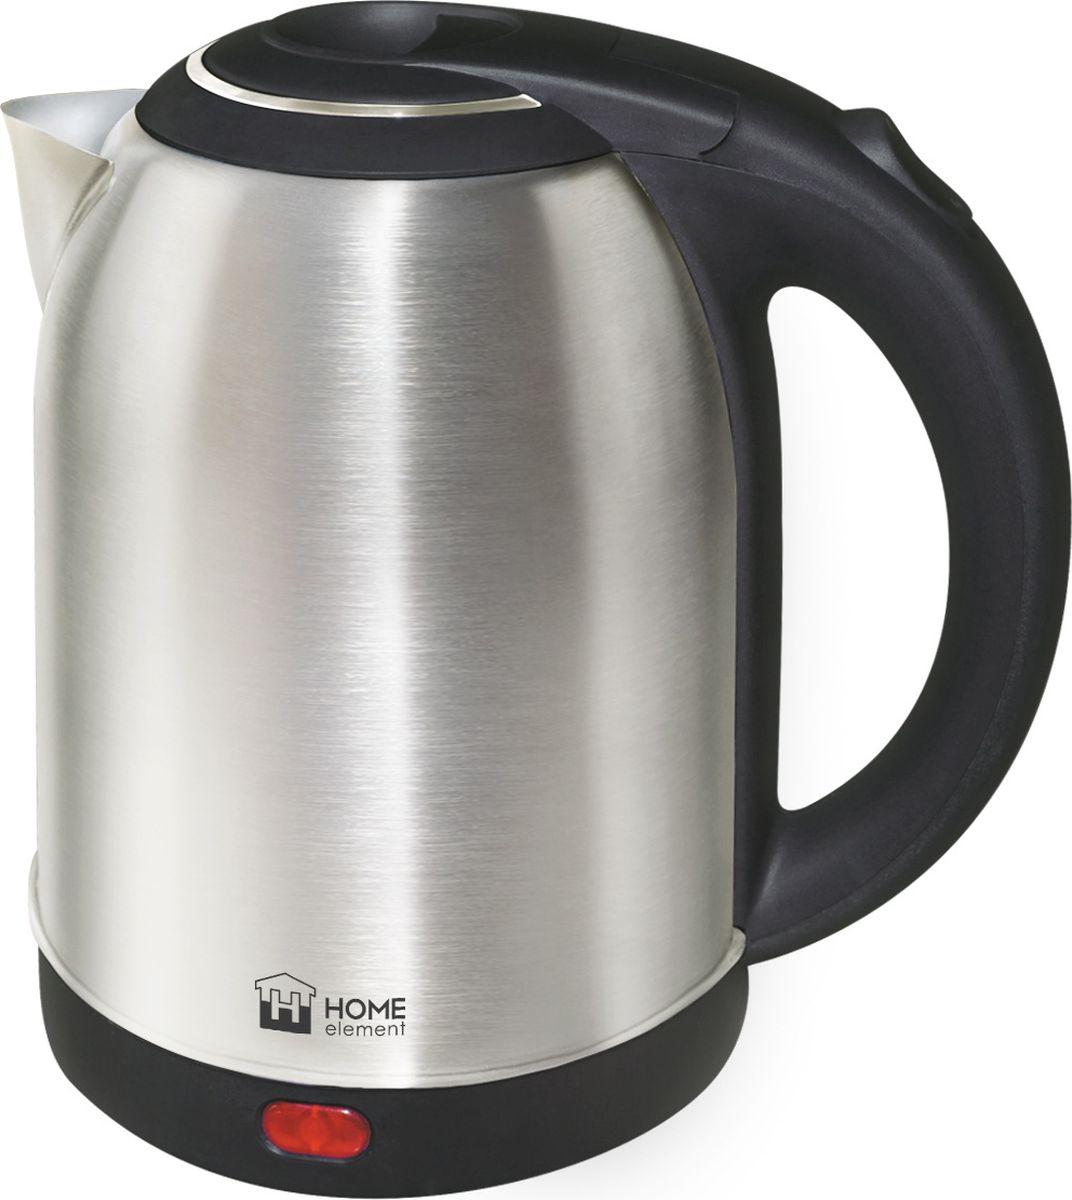 Home Element HE-KT153, Black Steel чайник электрическийHE-KT153Home Element HE-KT153 - отличный чайник на 2 литра для большой семьи, мощностью 1800 Вт. Вскипятит воду быстро. Автоматика отключит чайник, если в нем нет воды или она вскипела! Для удобства пользования чайник снабжен индикатором работы и кнопкой открытия крышки. Закрытый нагревательный элемент избавит от коррозии и накипи.